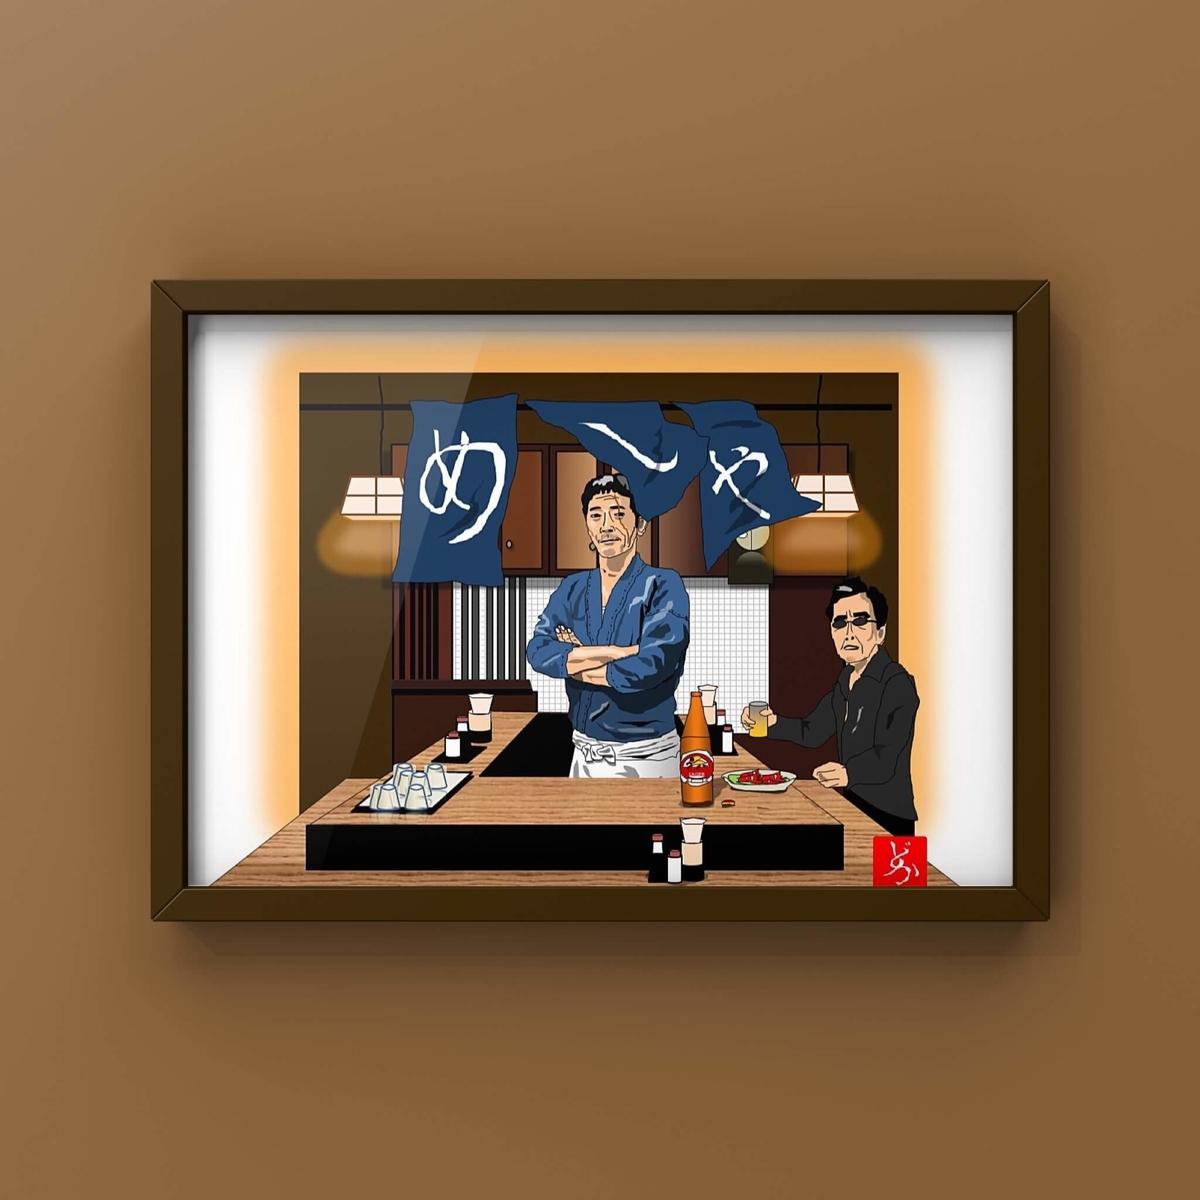 ドラマ「深夜食堂」の「めしや」のエクセル画イラスト額装版